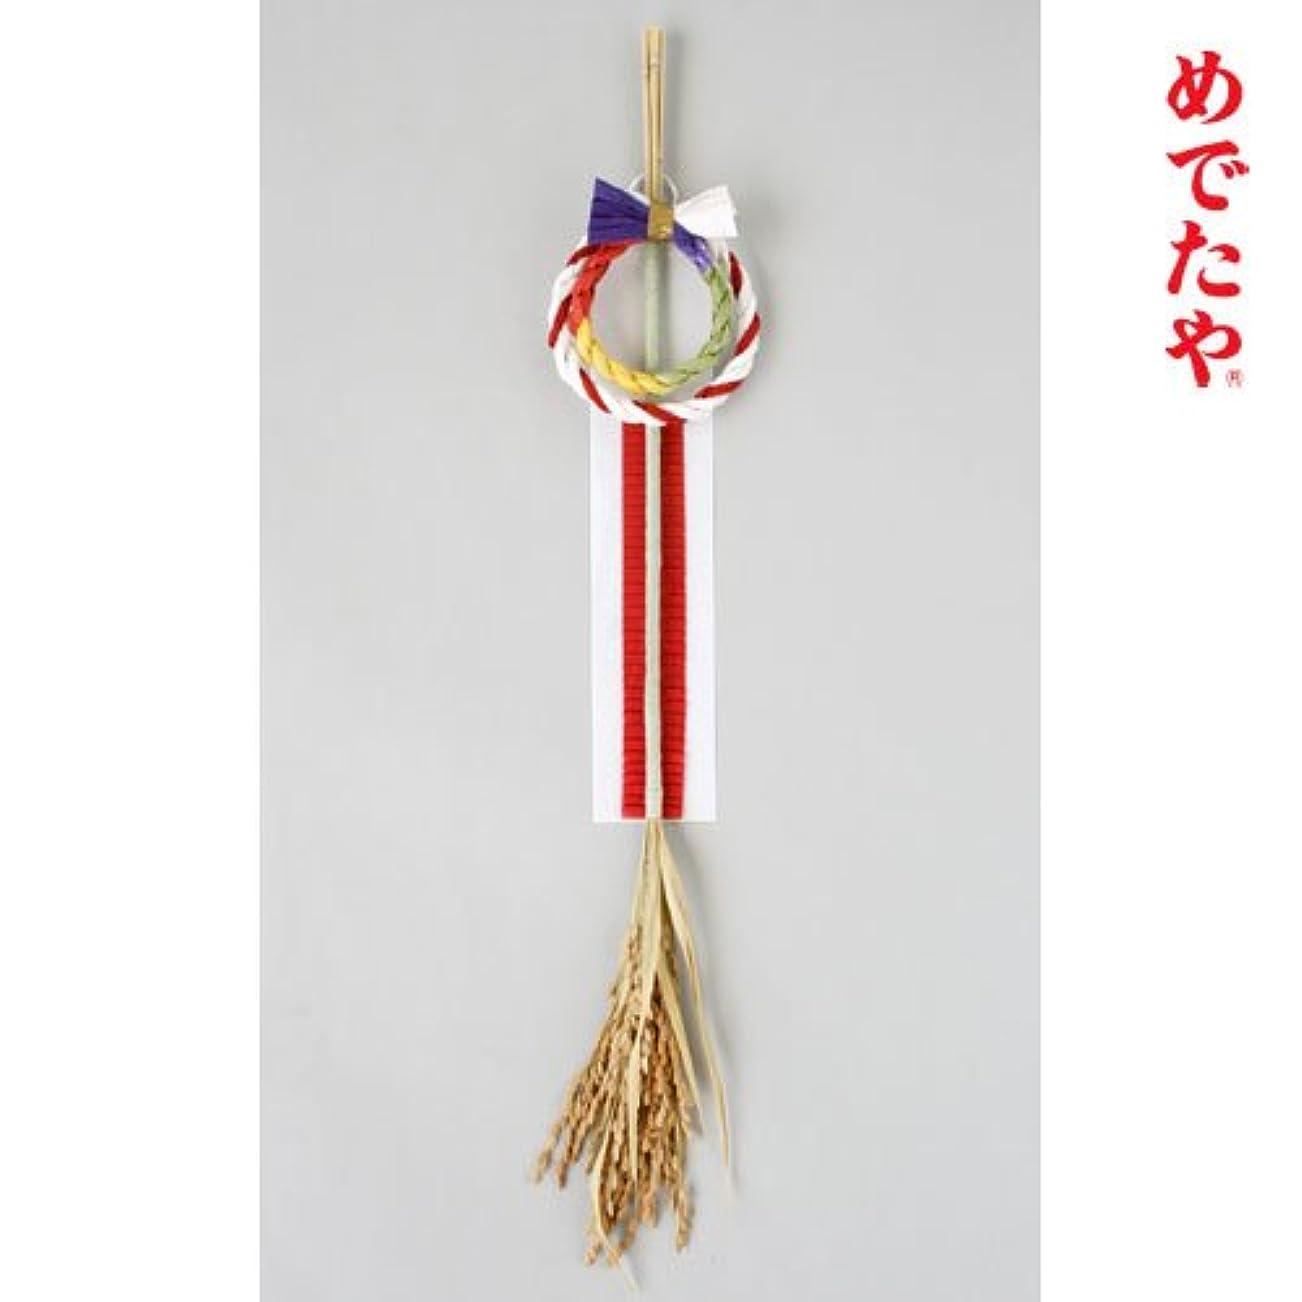 平らにする種探検正月飾り いなほ飾り 五色 めでたや New Year's decoration